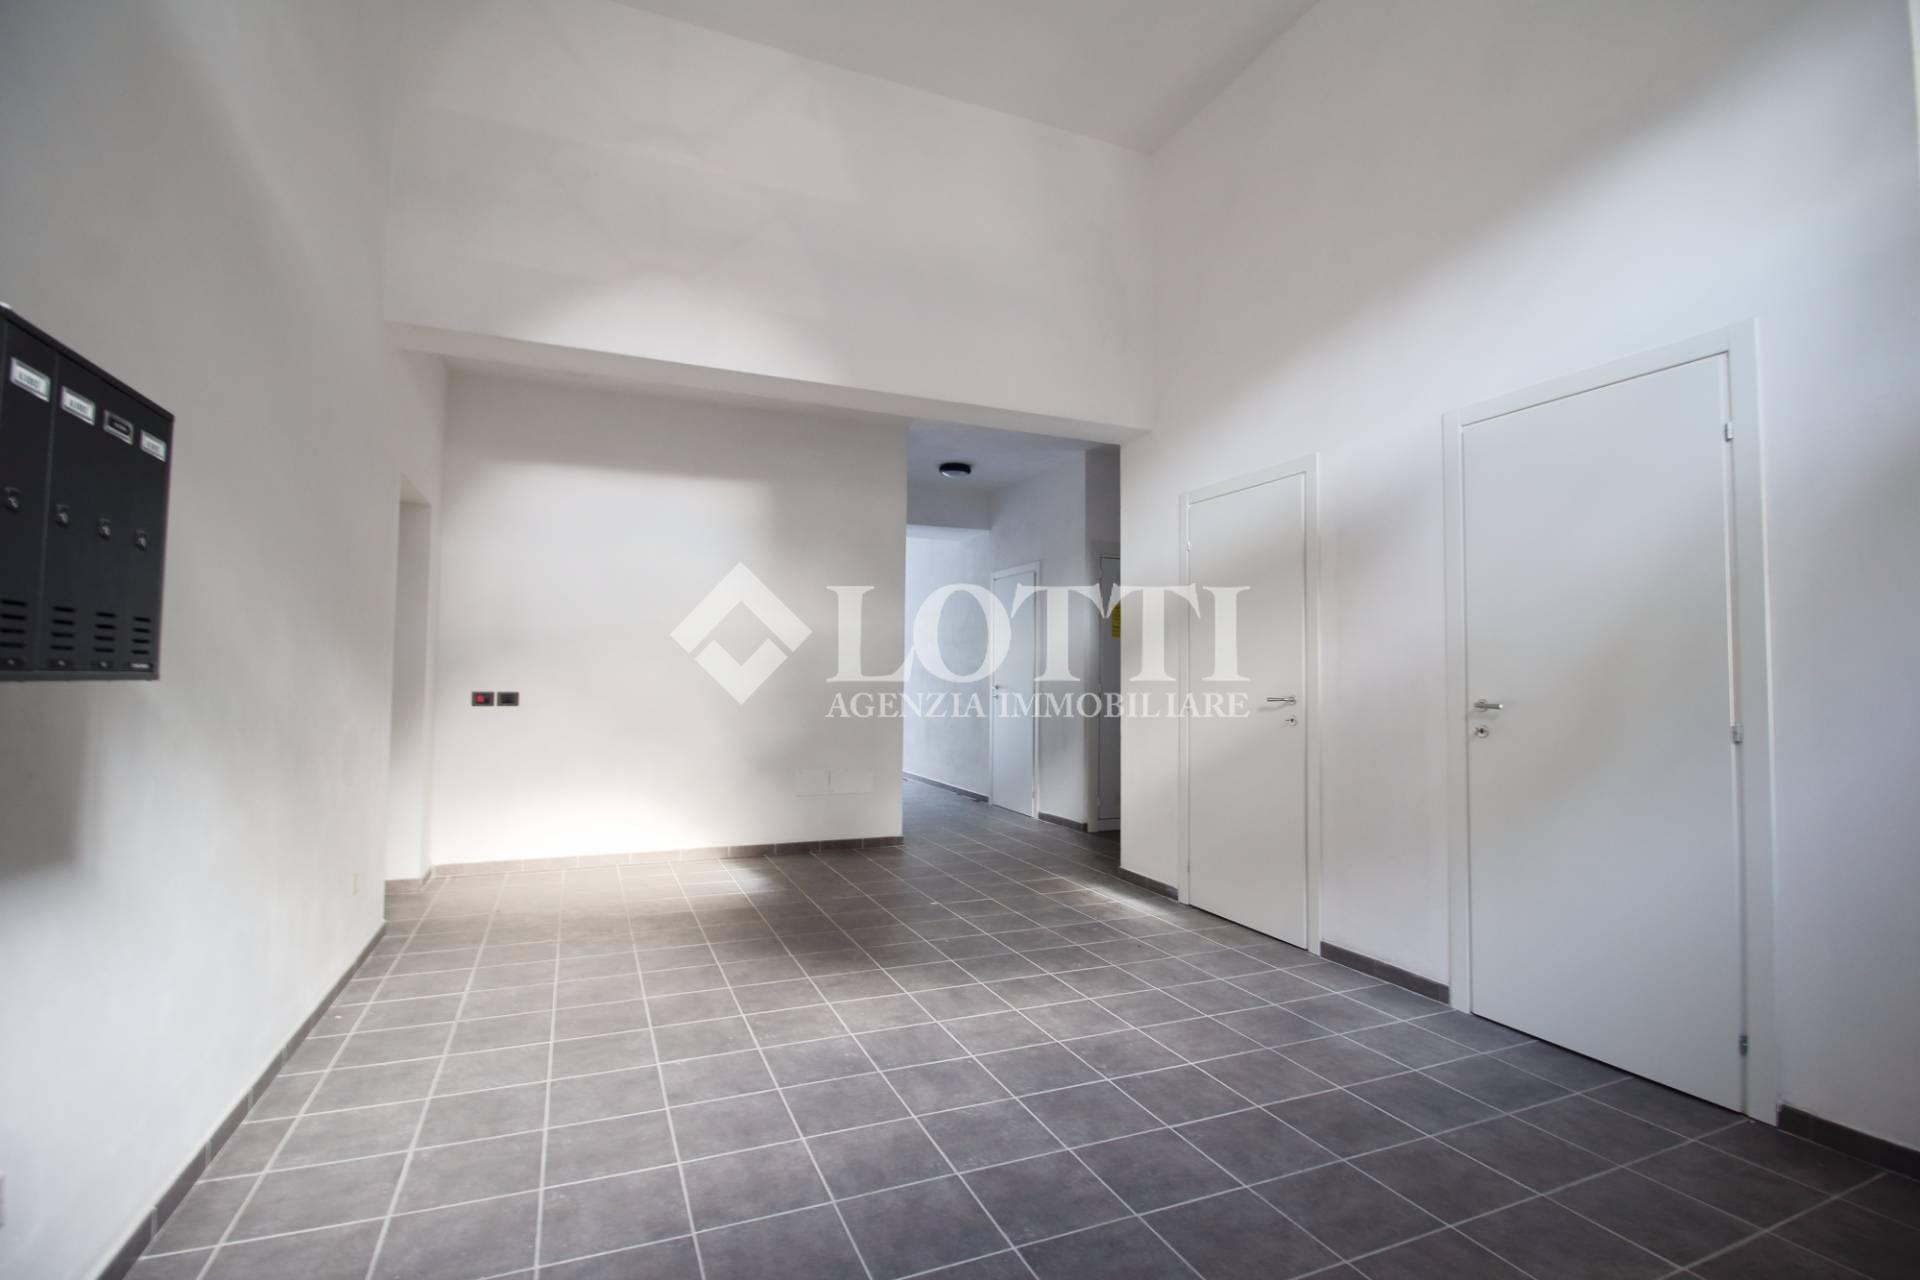 Appartamento in vendita, rif. 99-E